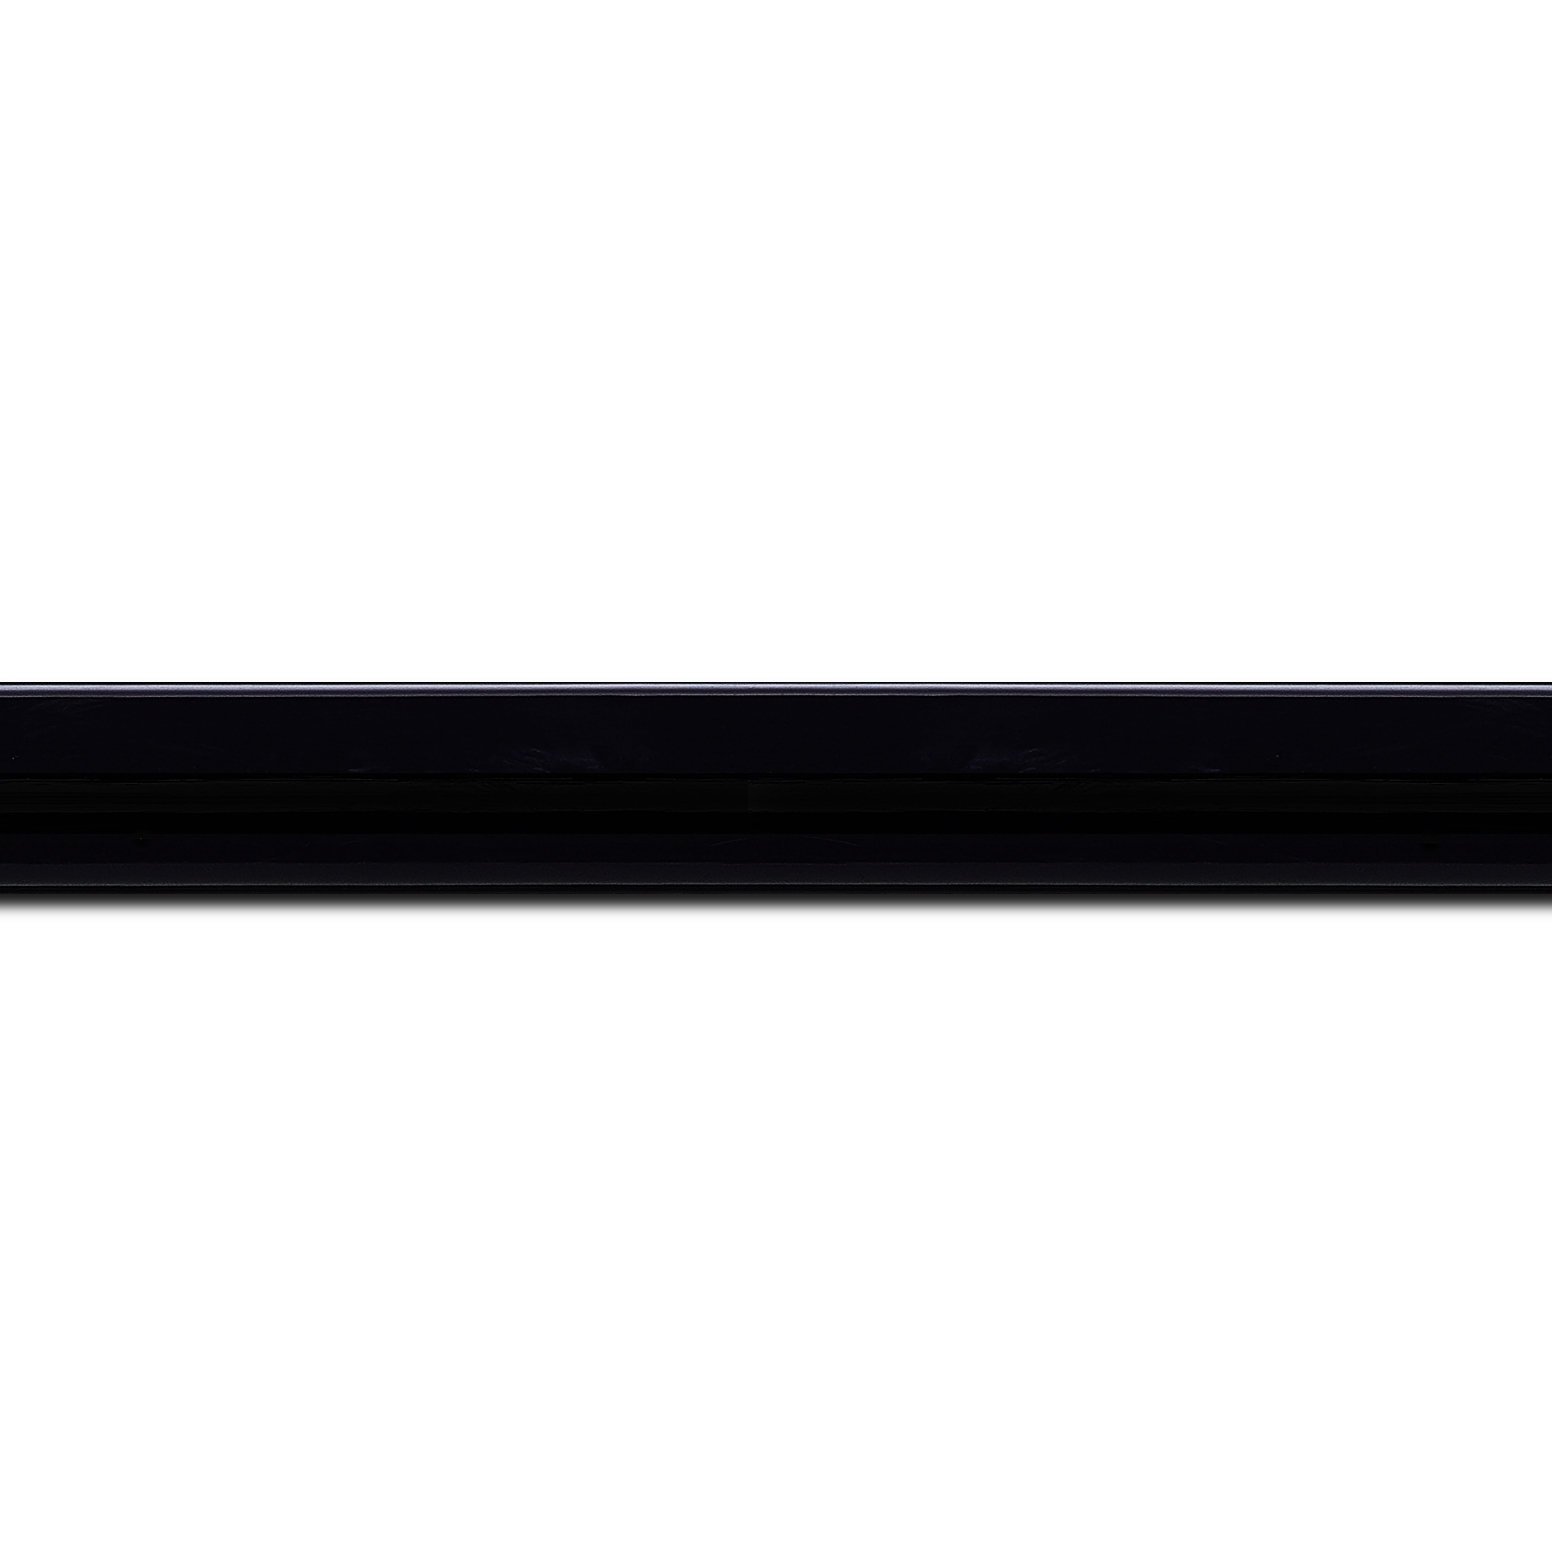 Baguette longueur 1.40m bois profil méplat largeur 2.3cm couleur bleu nuit très foncé laqué